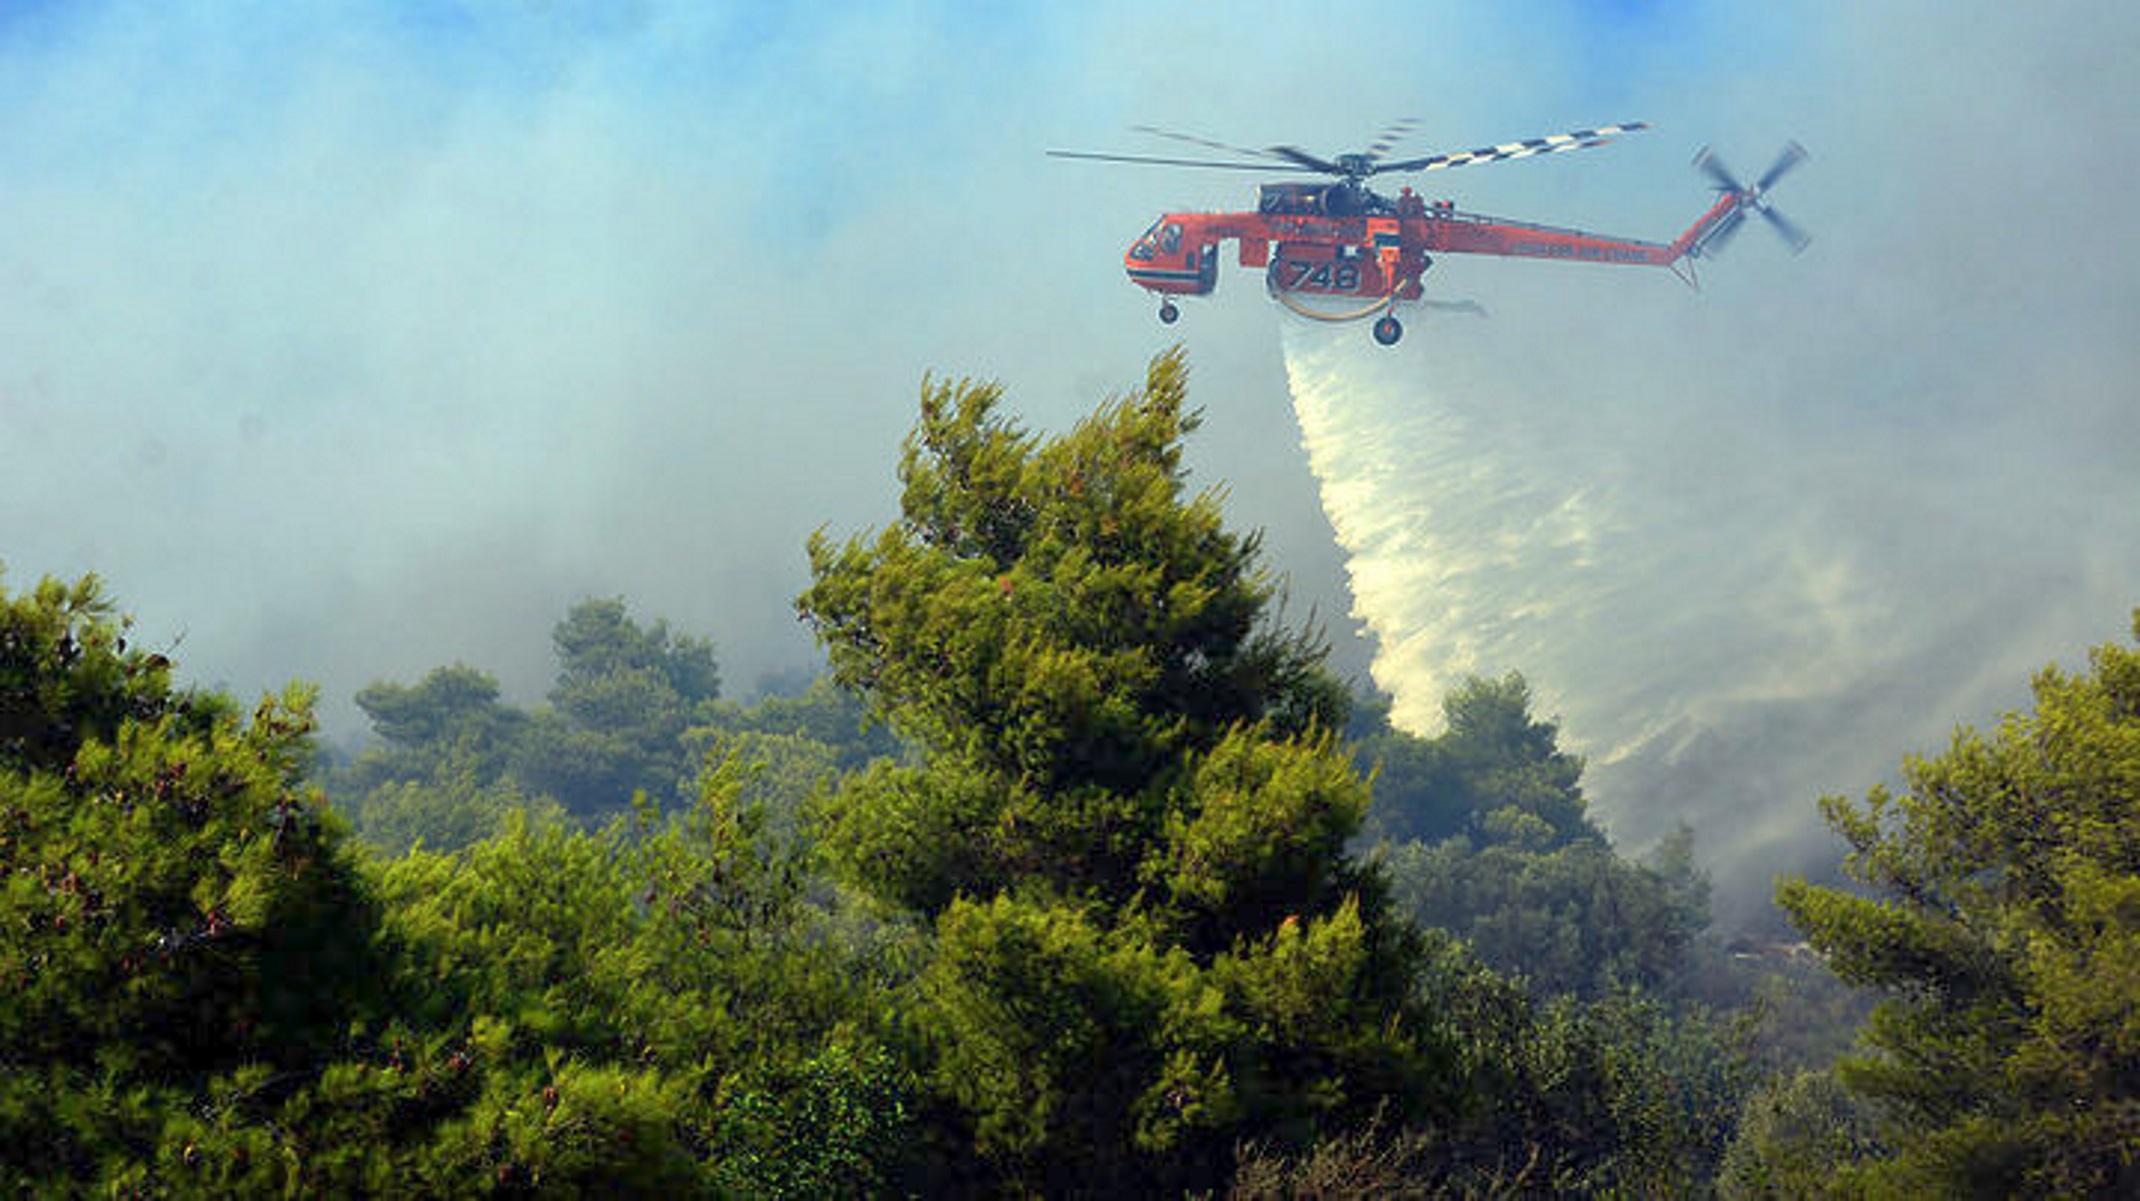 Ζάκυνθος: Έσβησε η φωτιά στην περιοχή Σκοπός